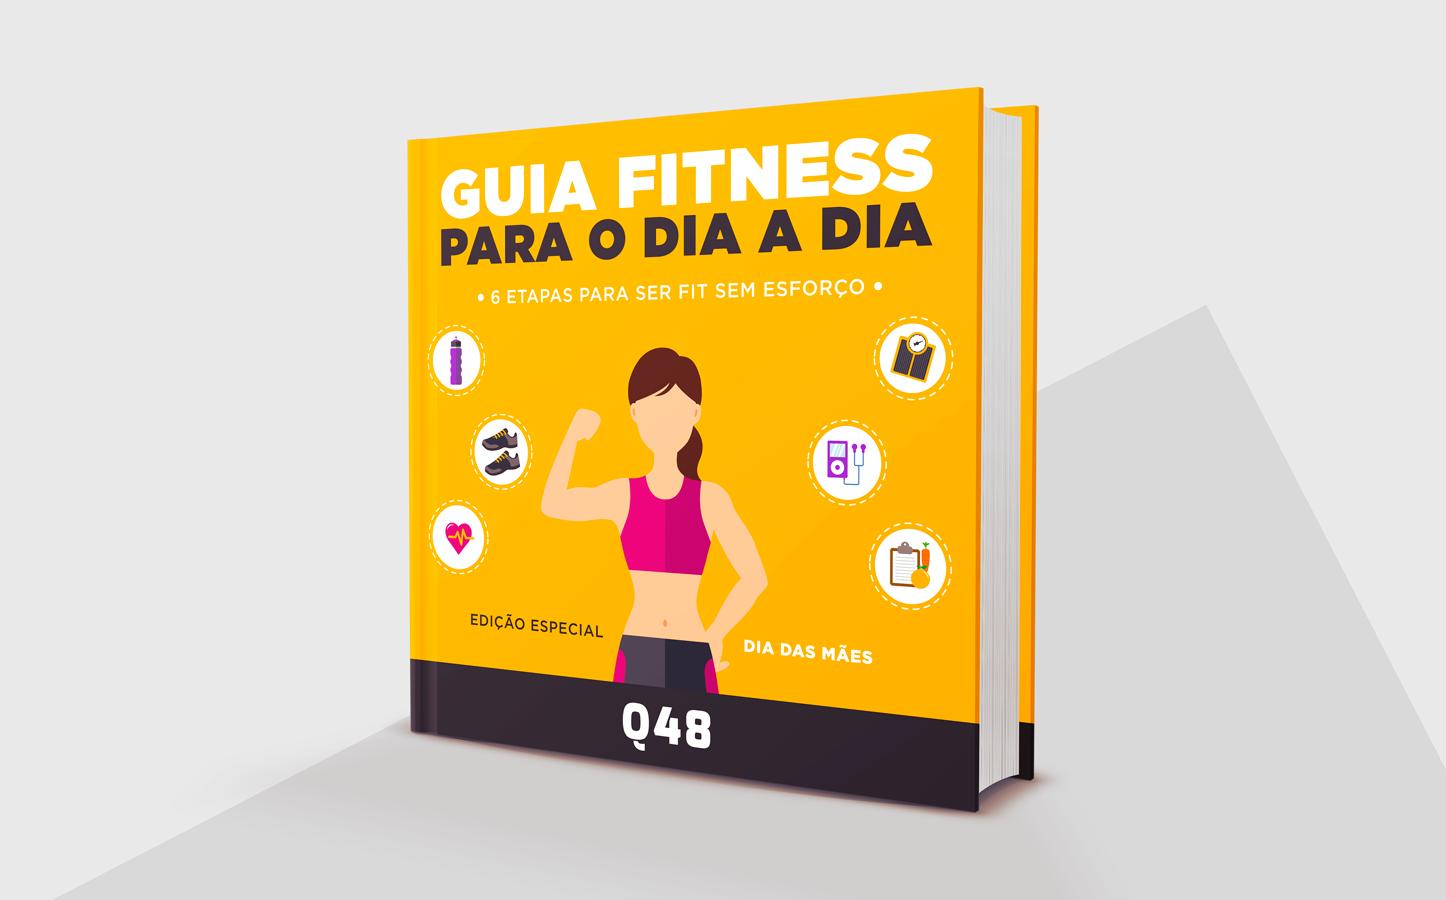 Guia Fitness para Mulheres Grátis